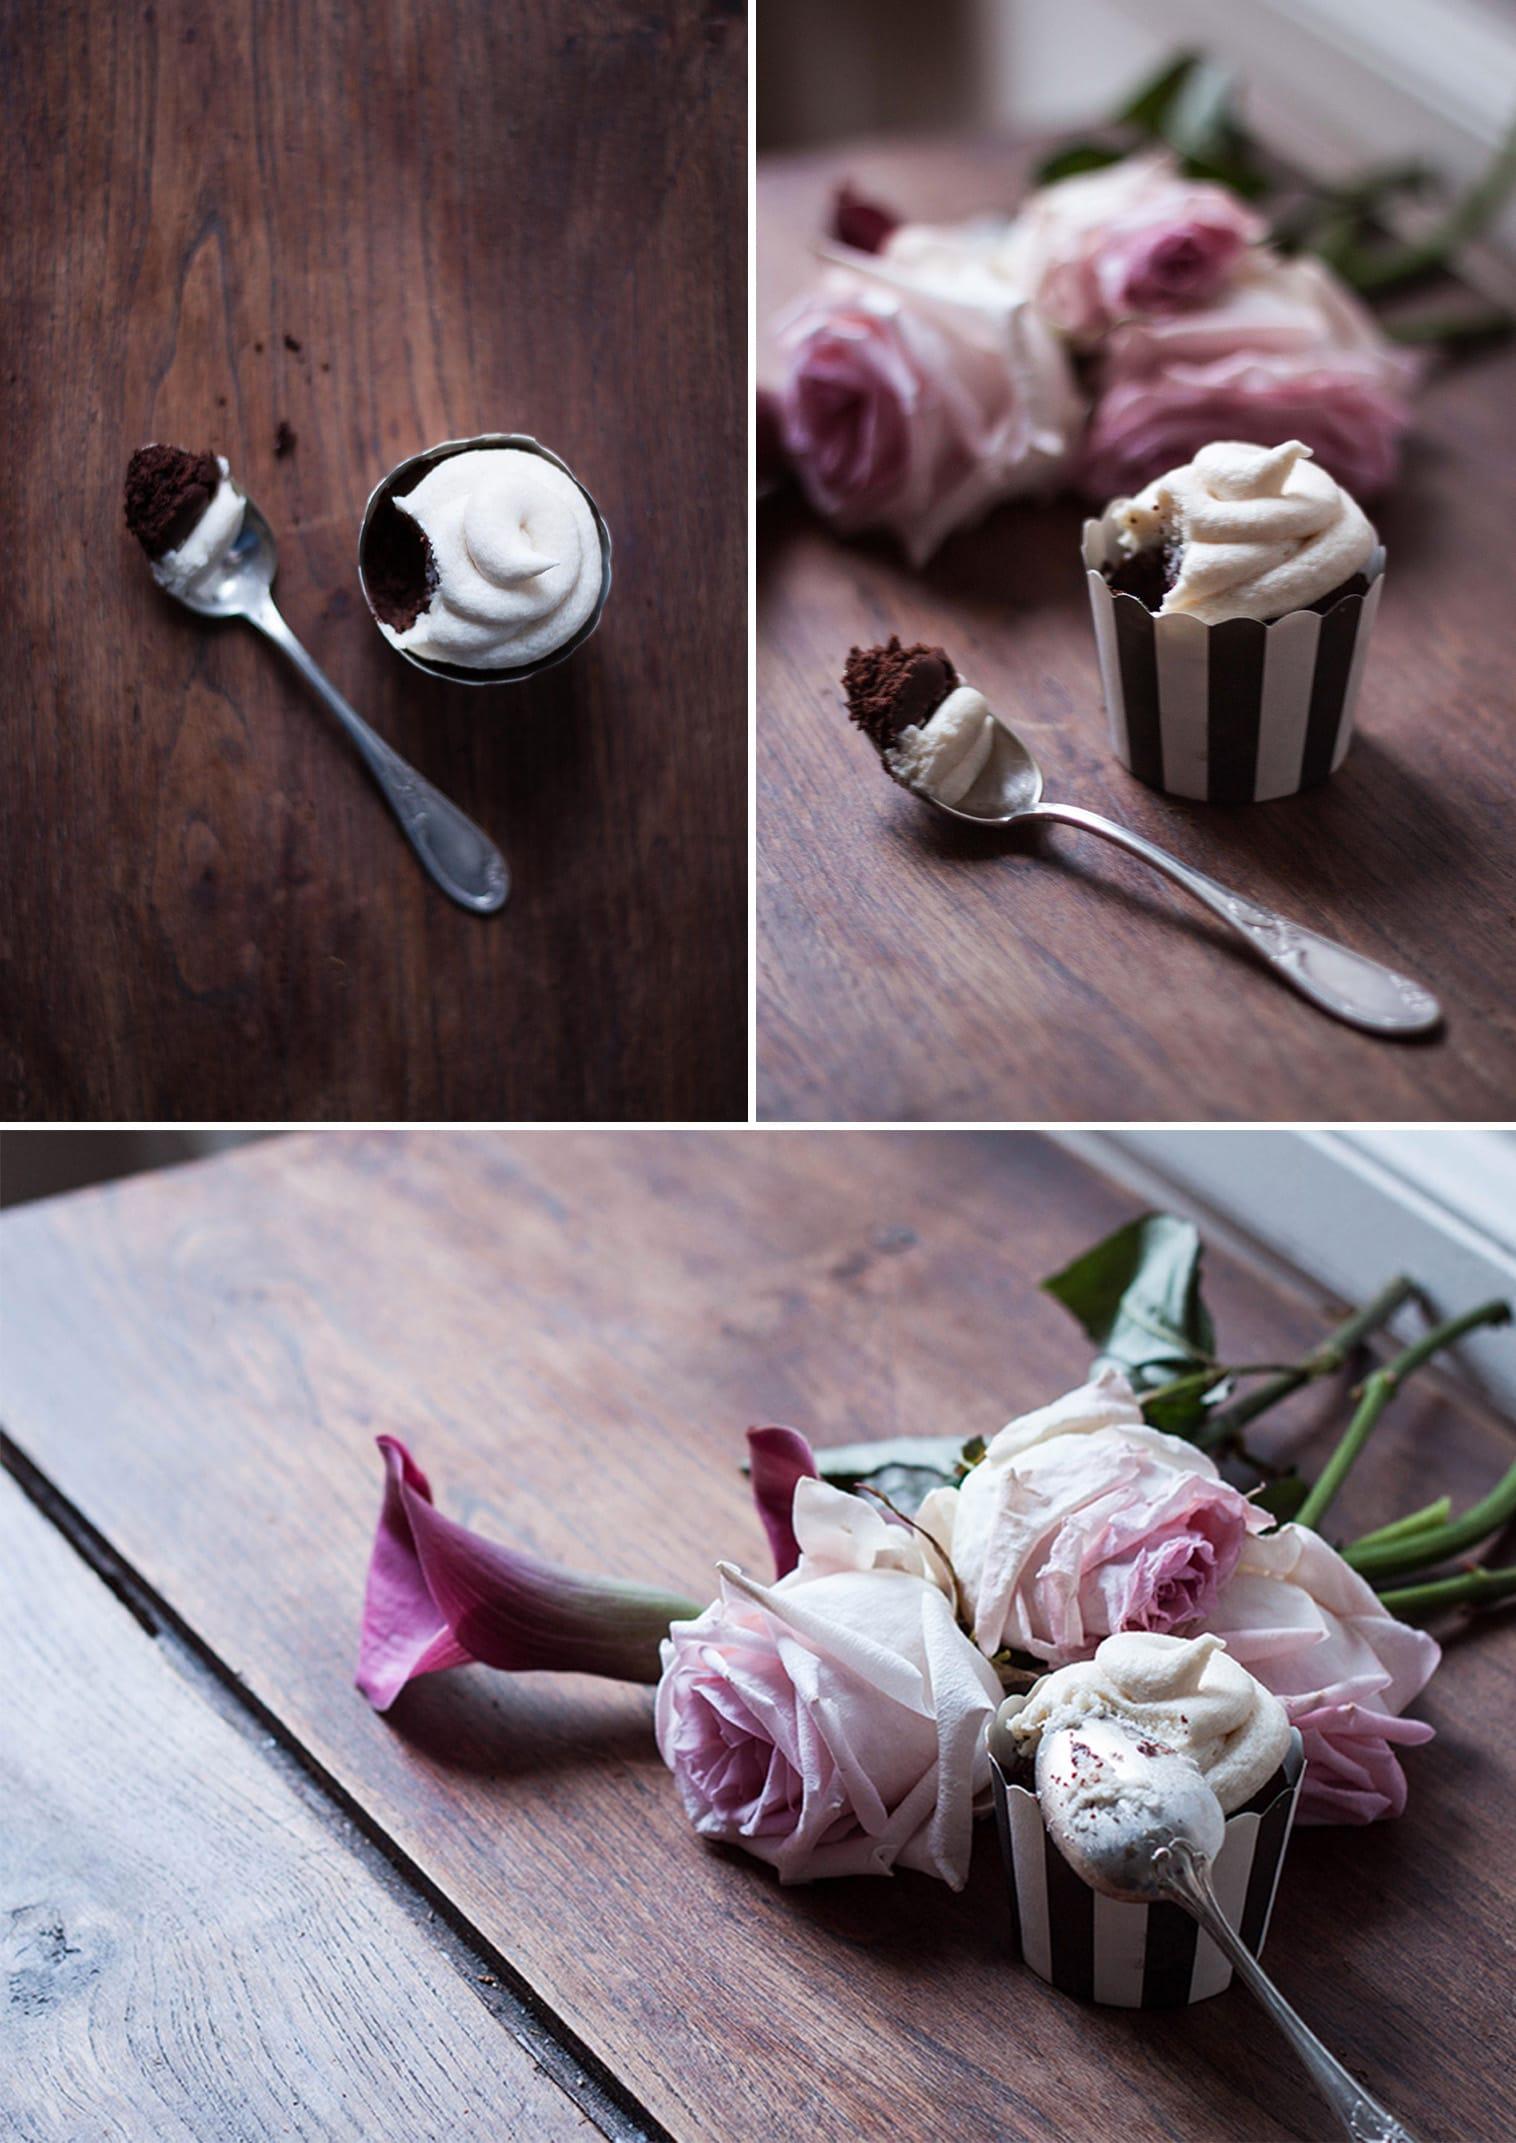 Cupcakes à l'irlandaise